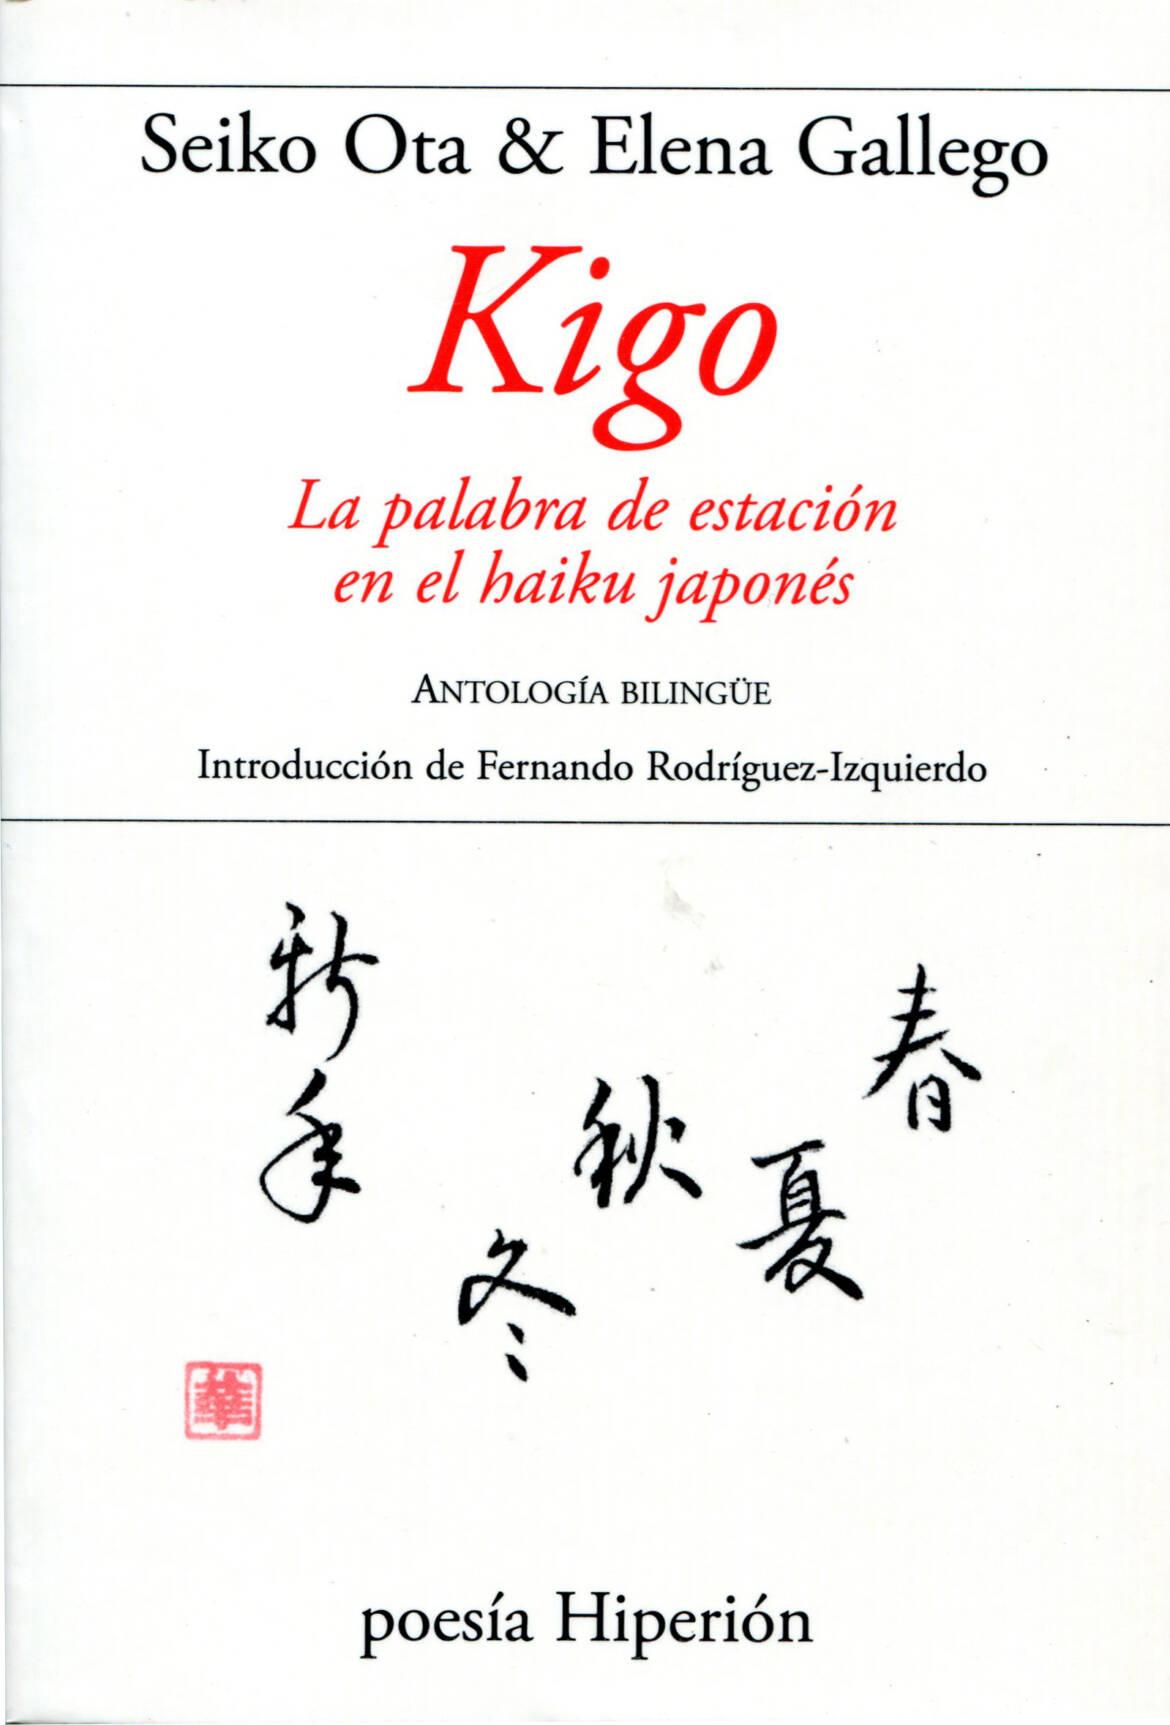 643-ota_gallego-kigo.jpg